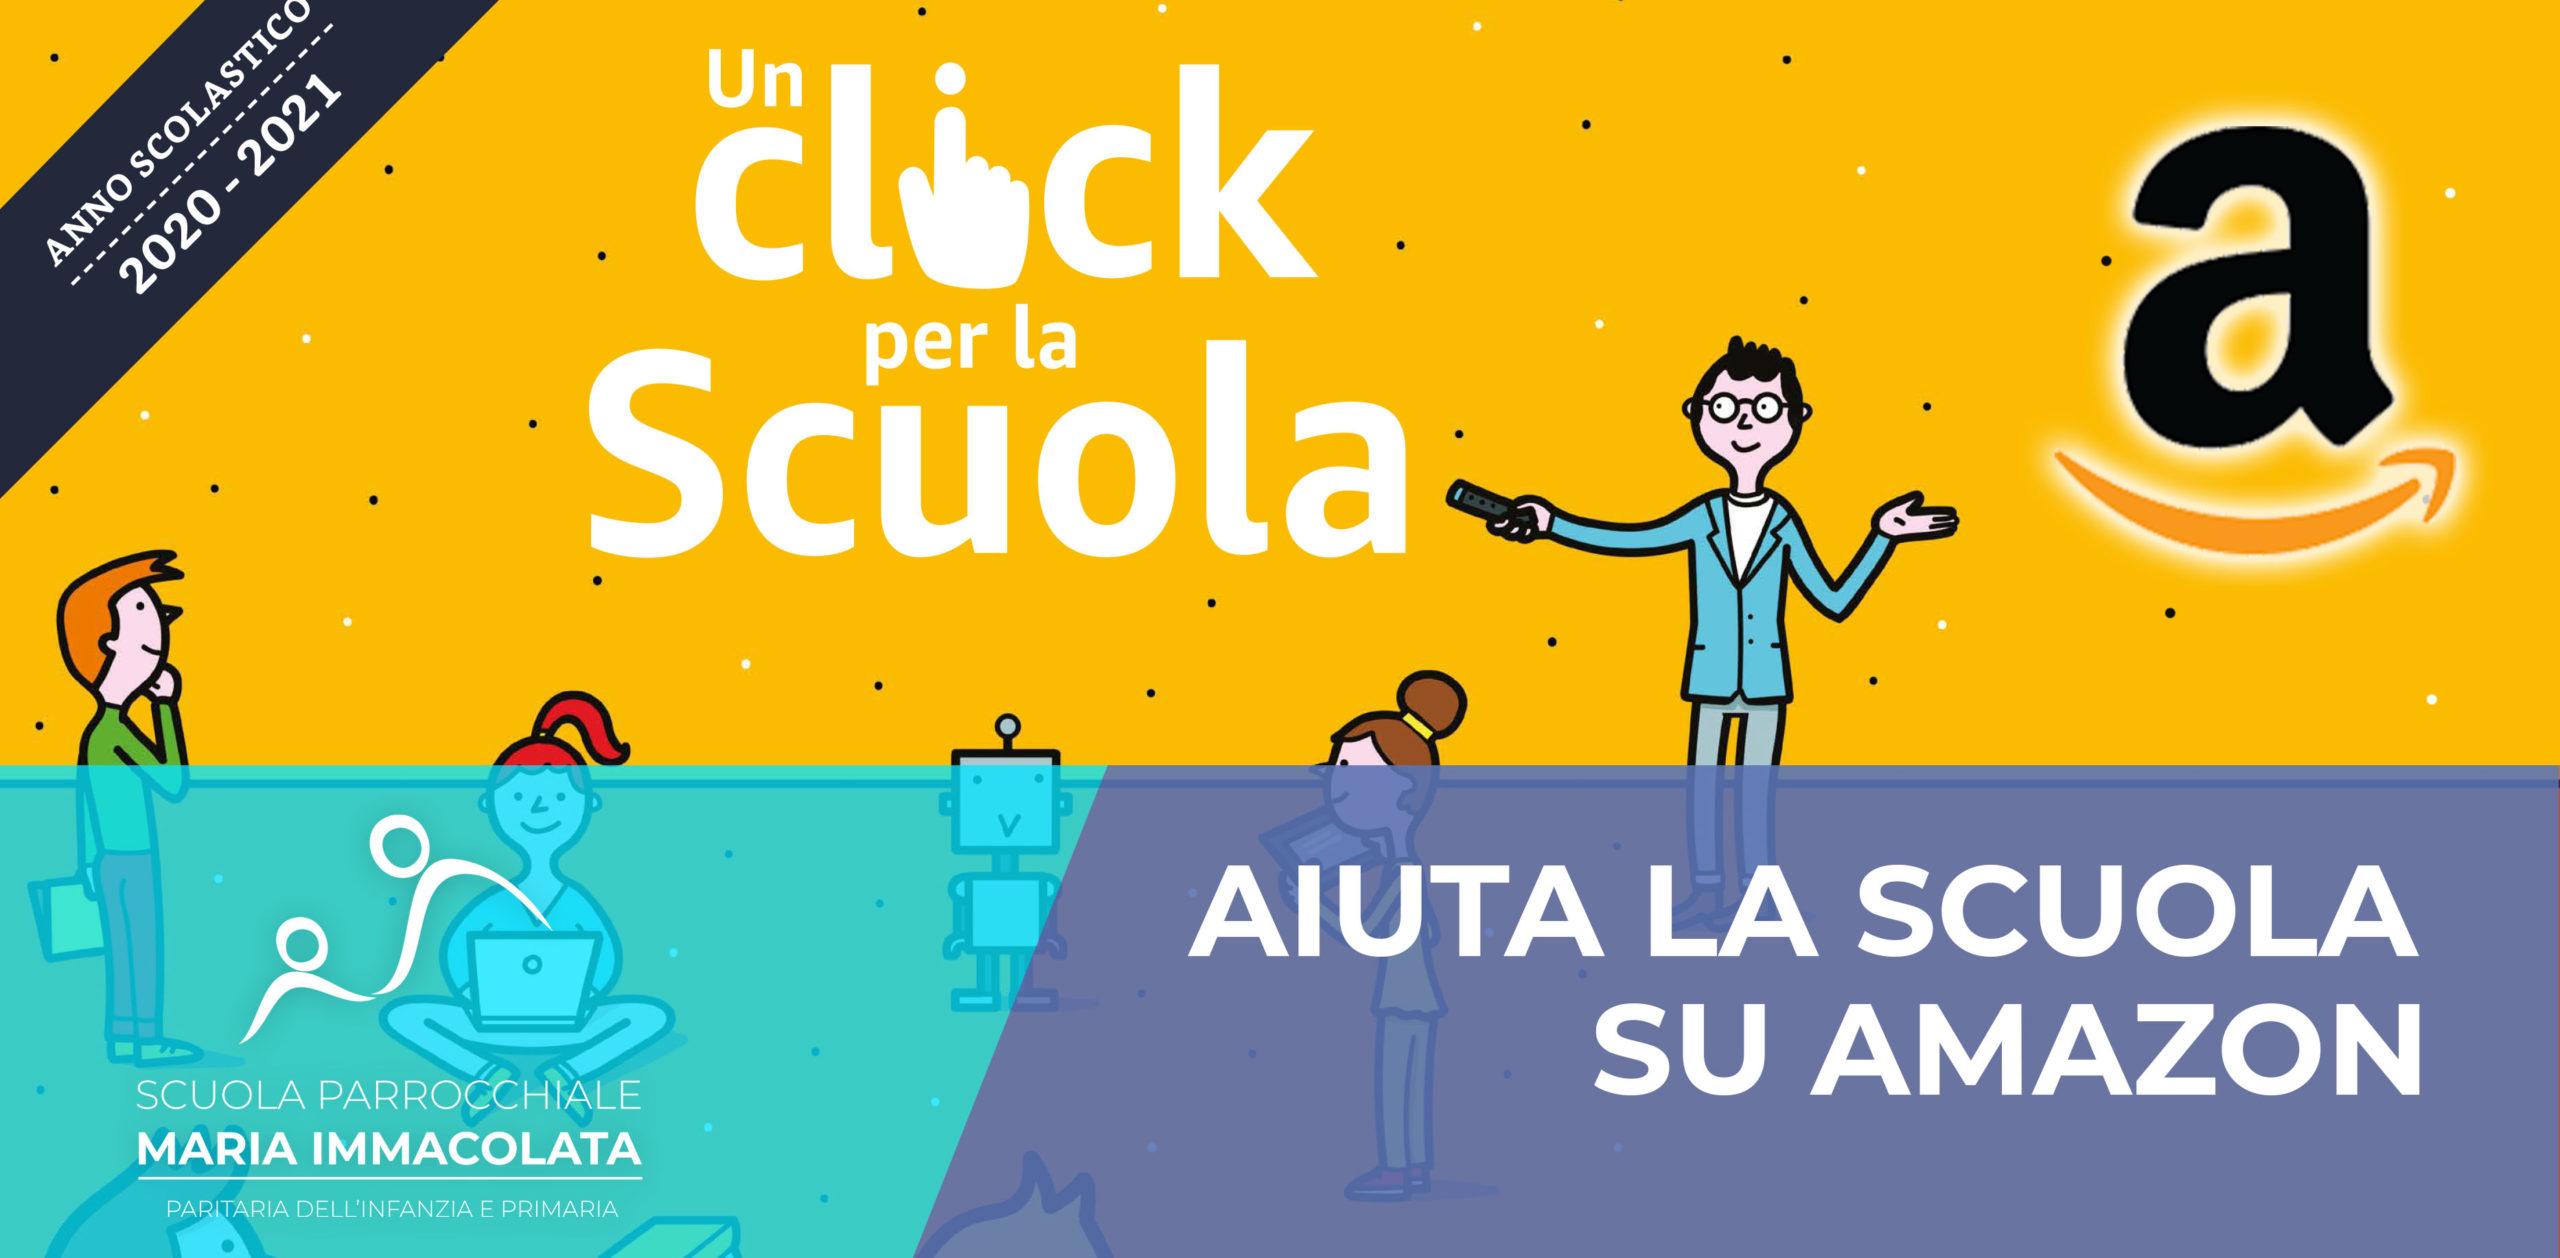 """Torna """"Un click per la Scuola"""": doni un credito ad ogni acquisto su Amazon.it"""